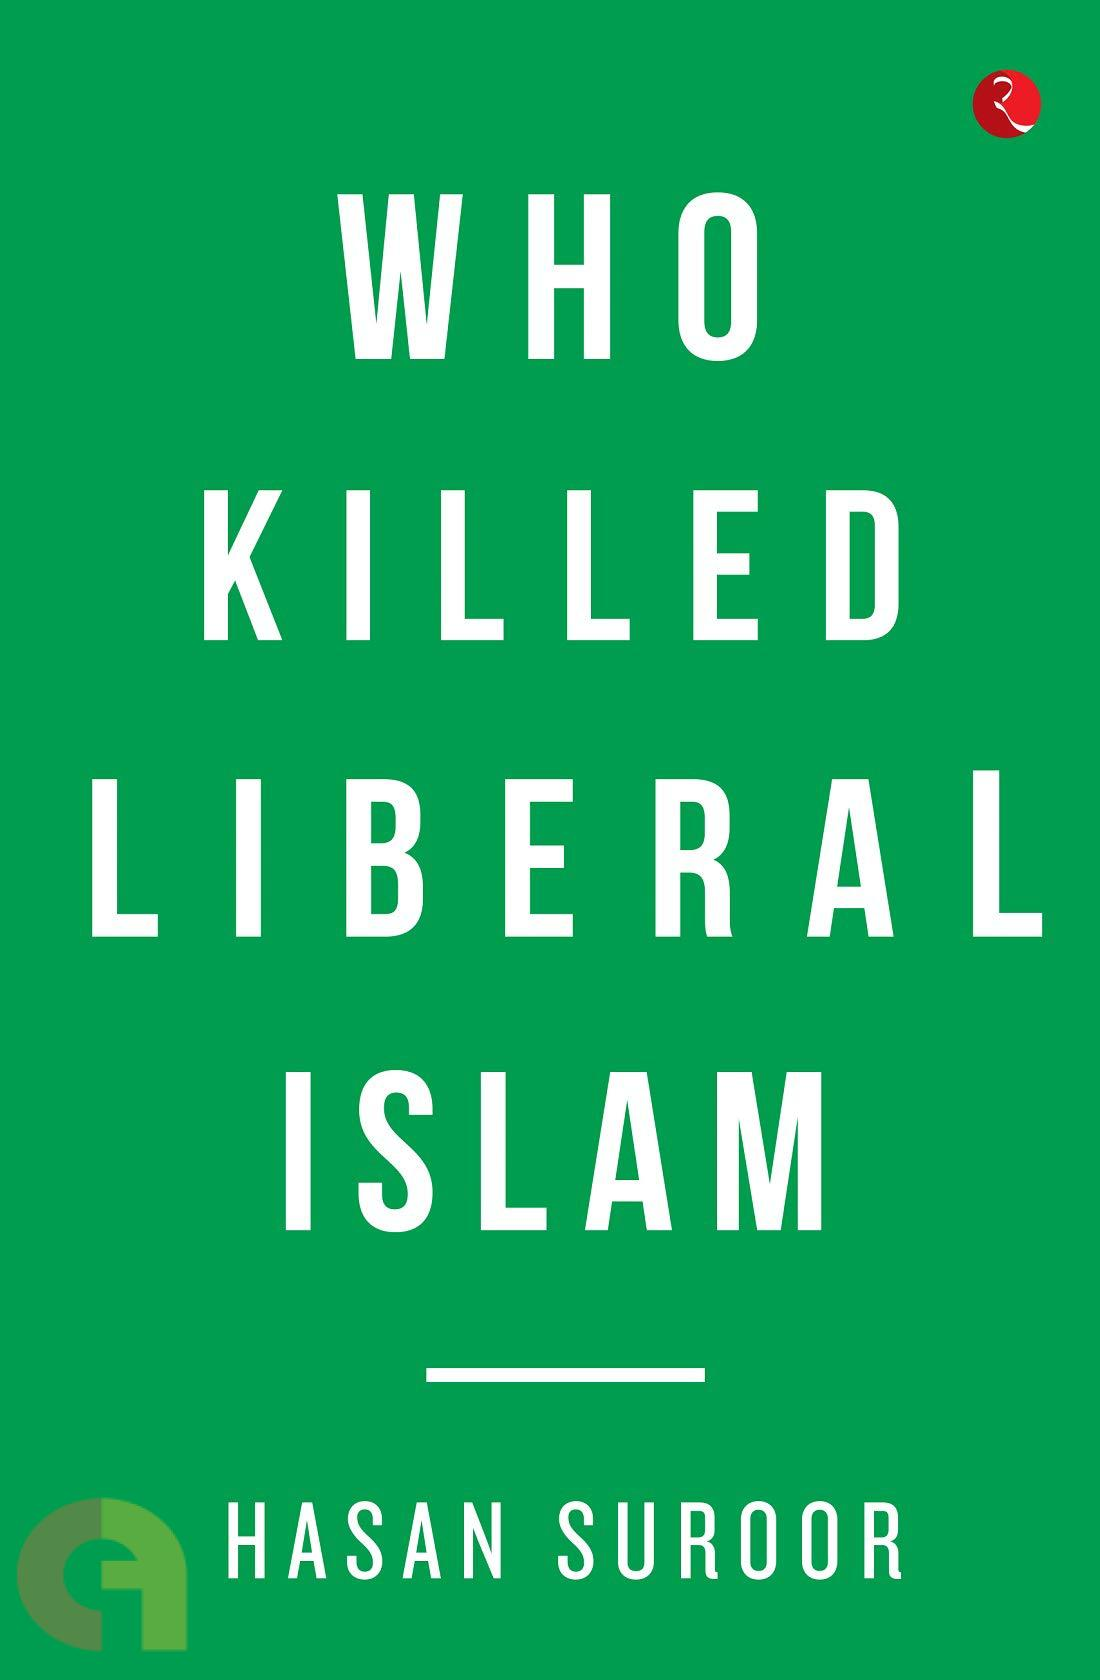 Who Killed Liberal Islam?